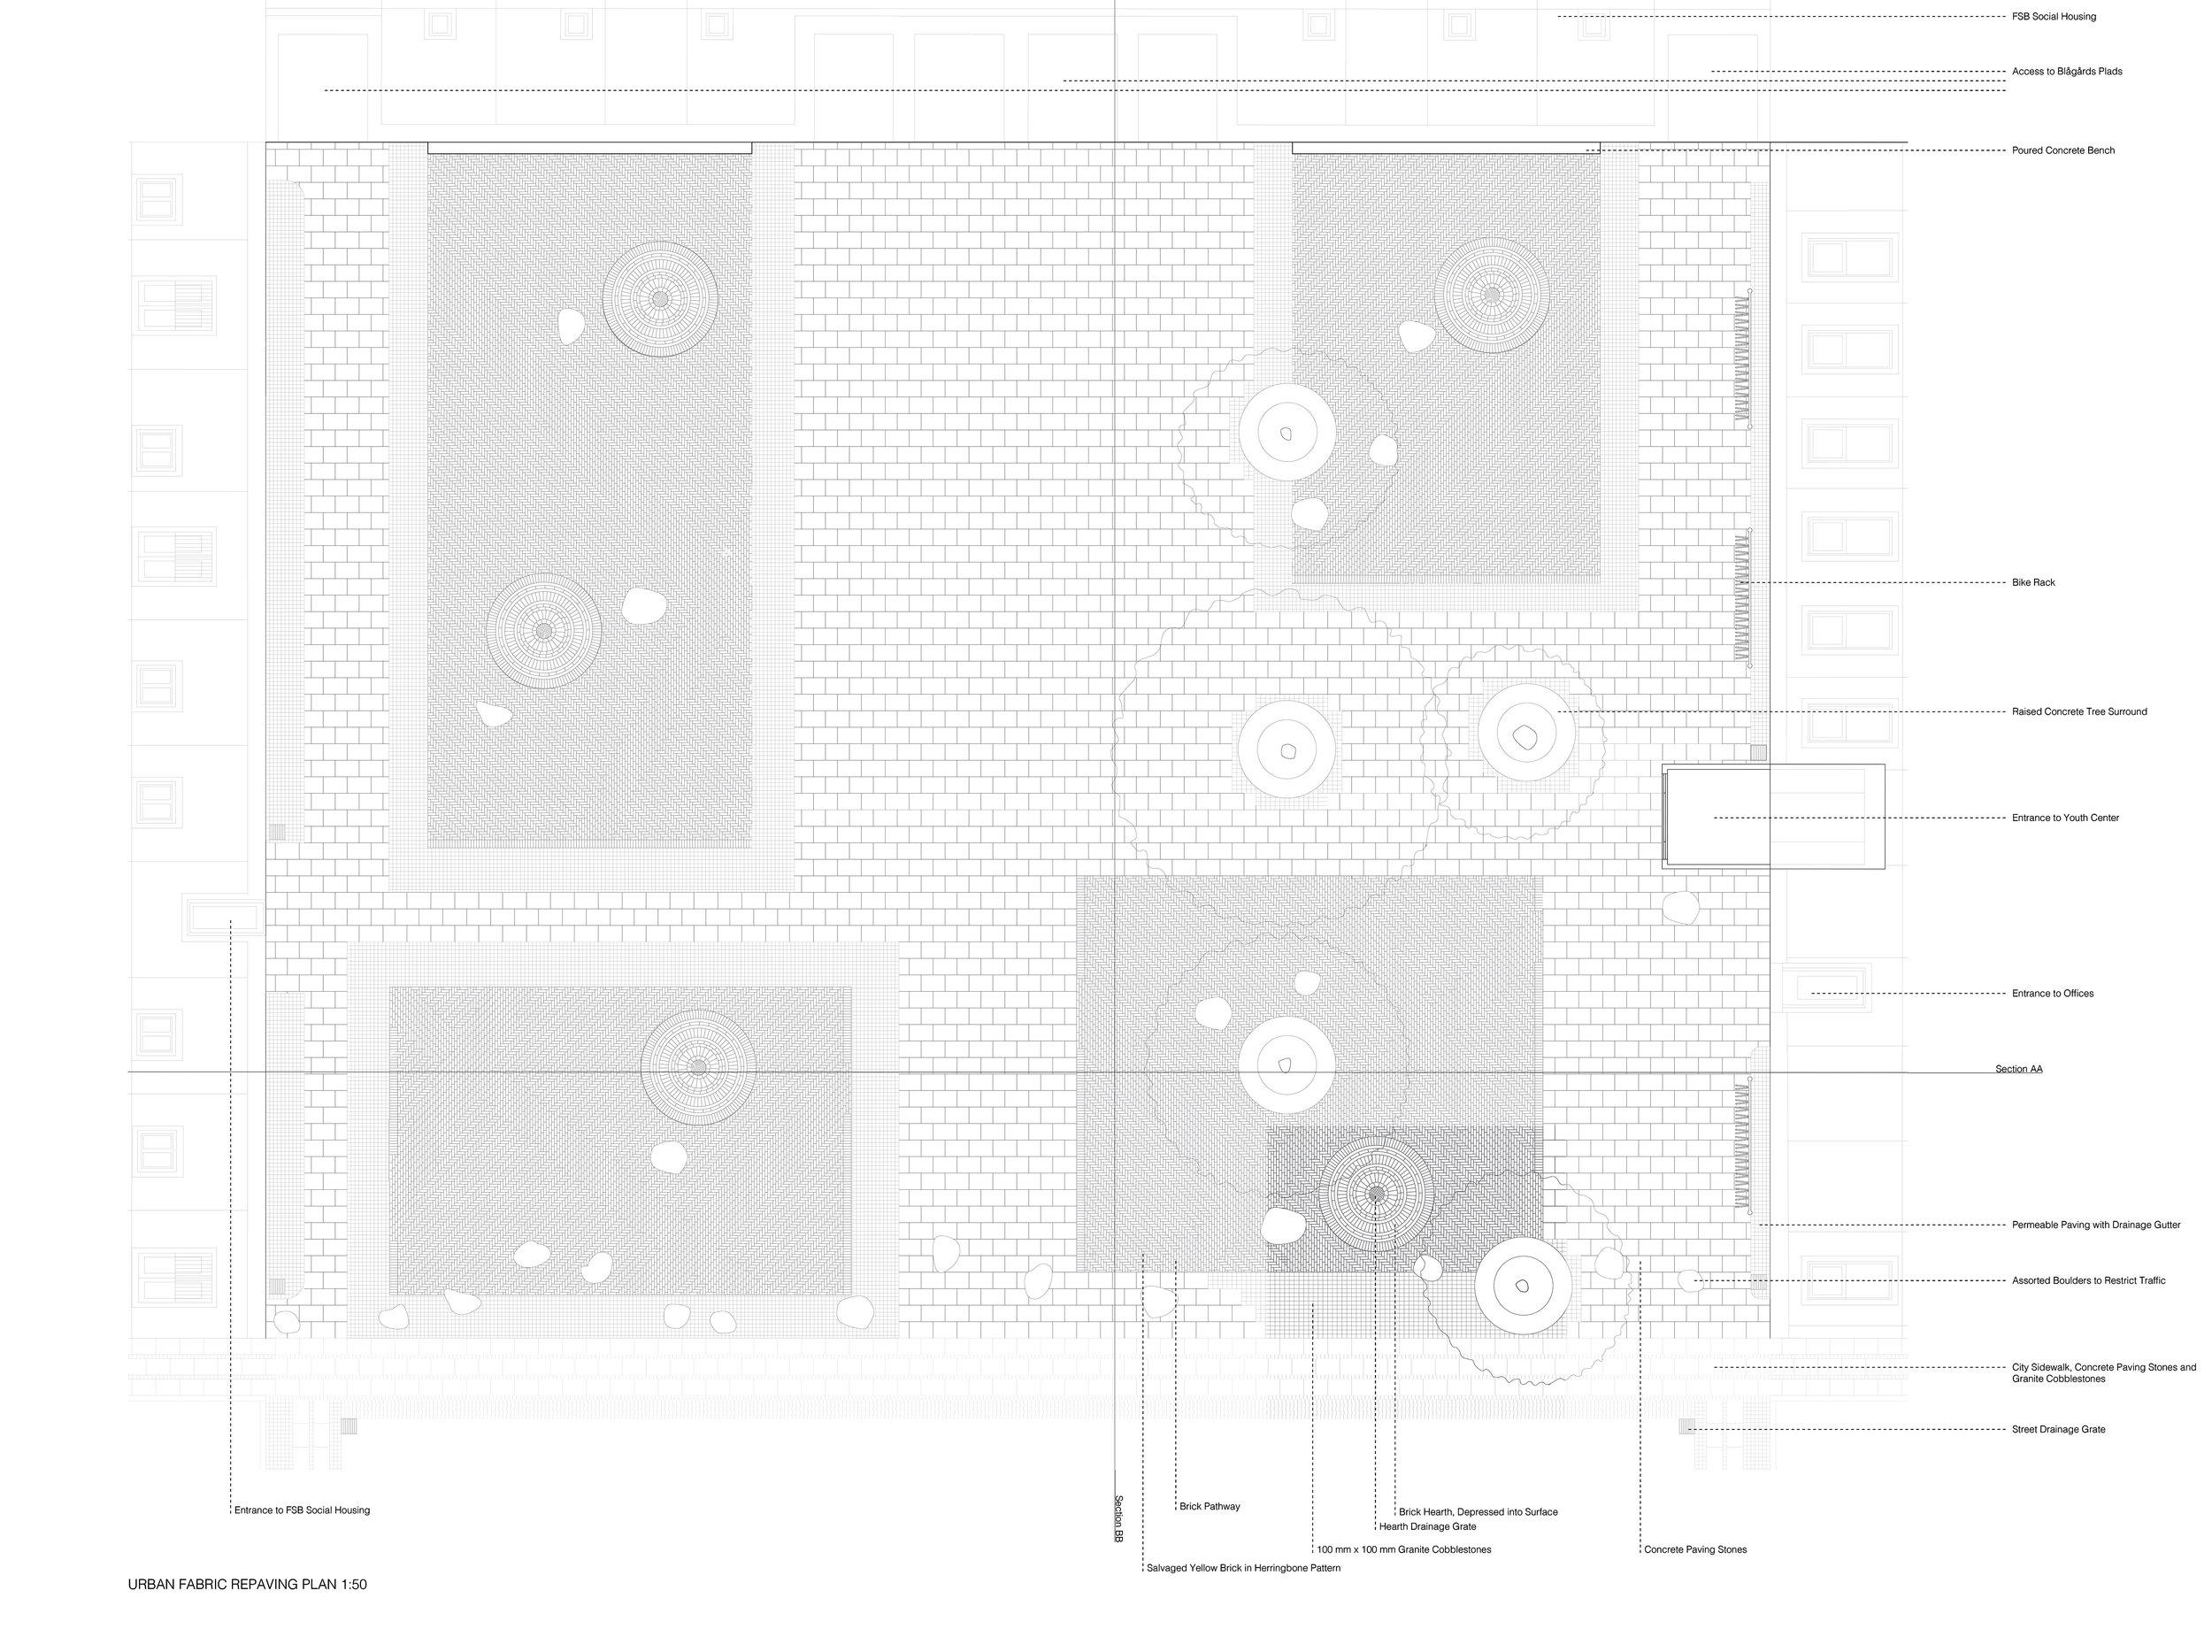 Red Square Paving Plan, Megan Blake, 2015.